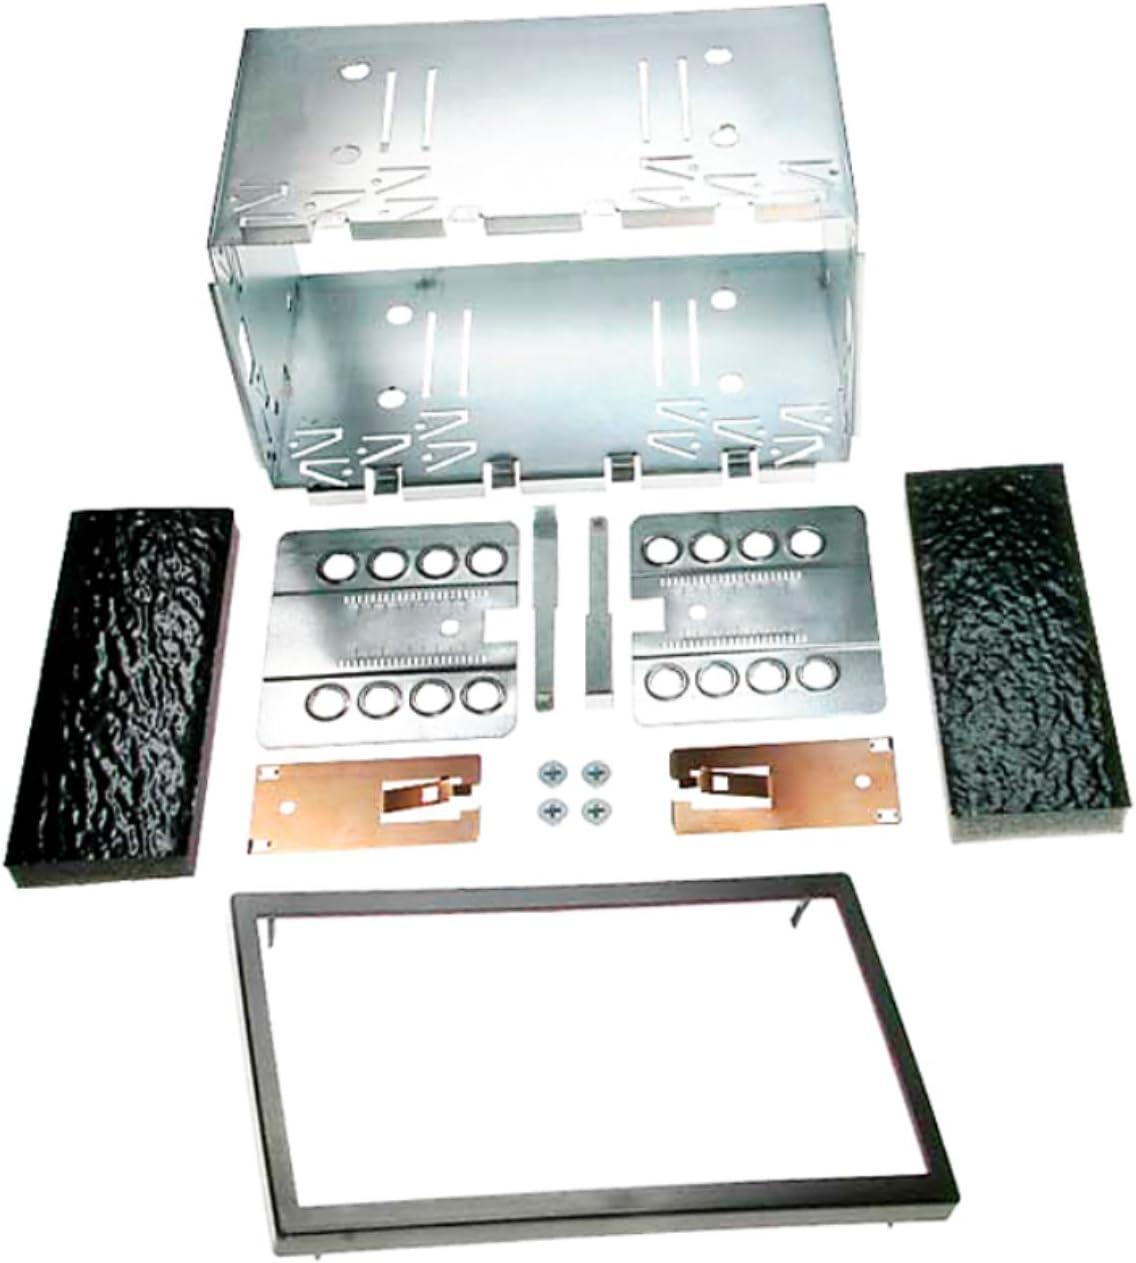 Carav 14 004 Autoradio Einbaurahmen Metall Schacht Universal 2 Din 180 X 113mm Auto